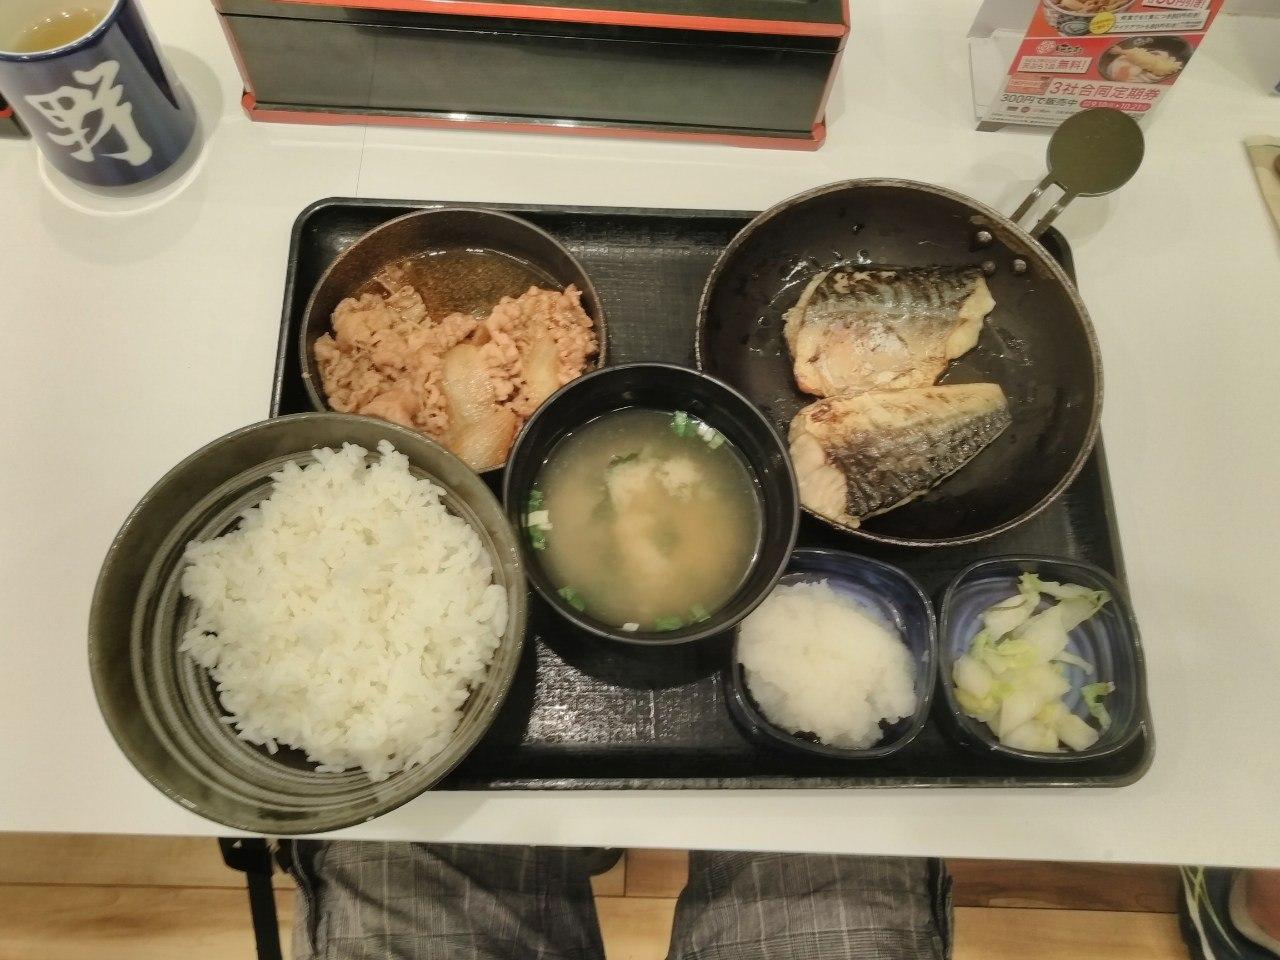 Рис, свинина, мисо, какая-то рыба без костей (очень вкусная), тертый имбирь и салат из капусты